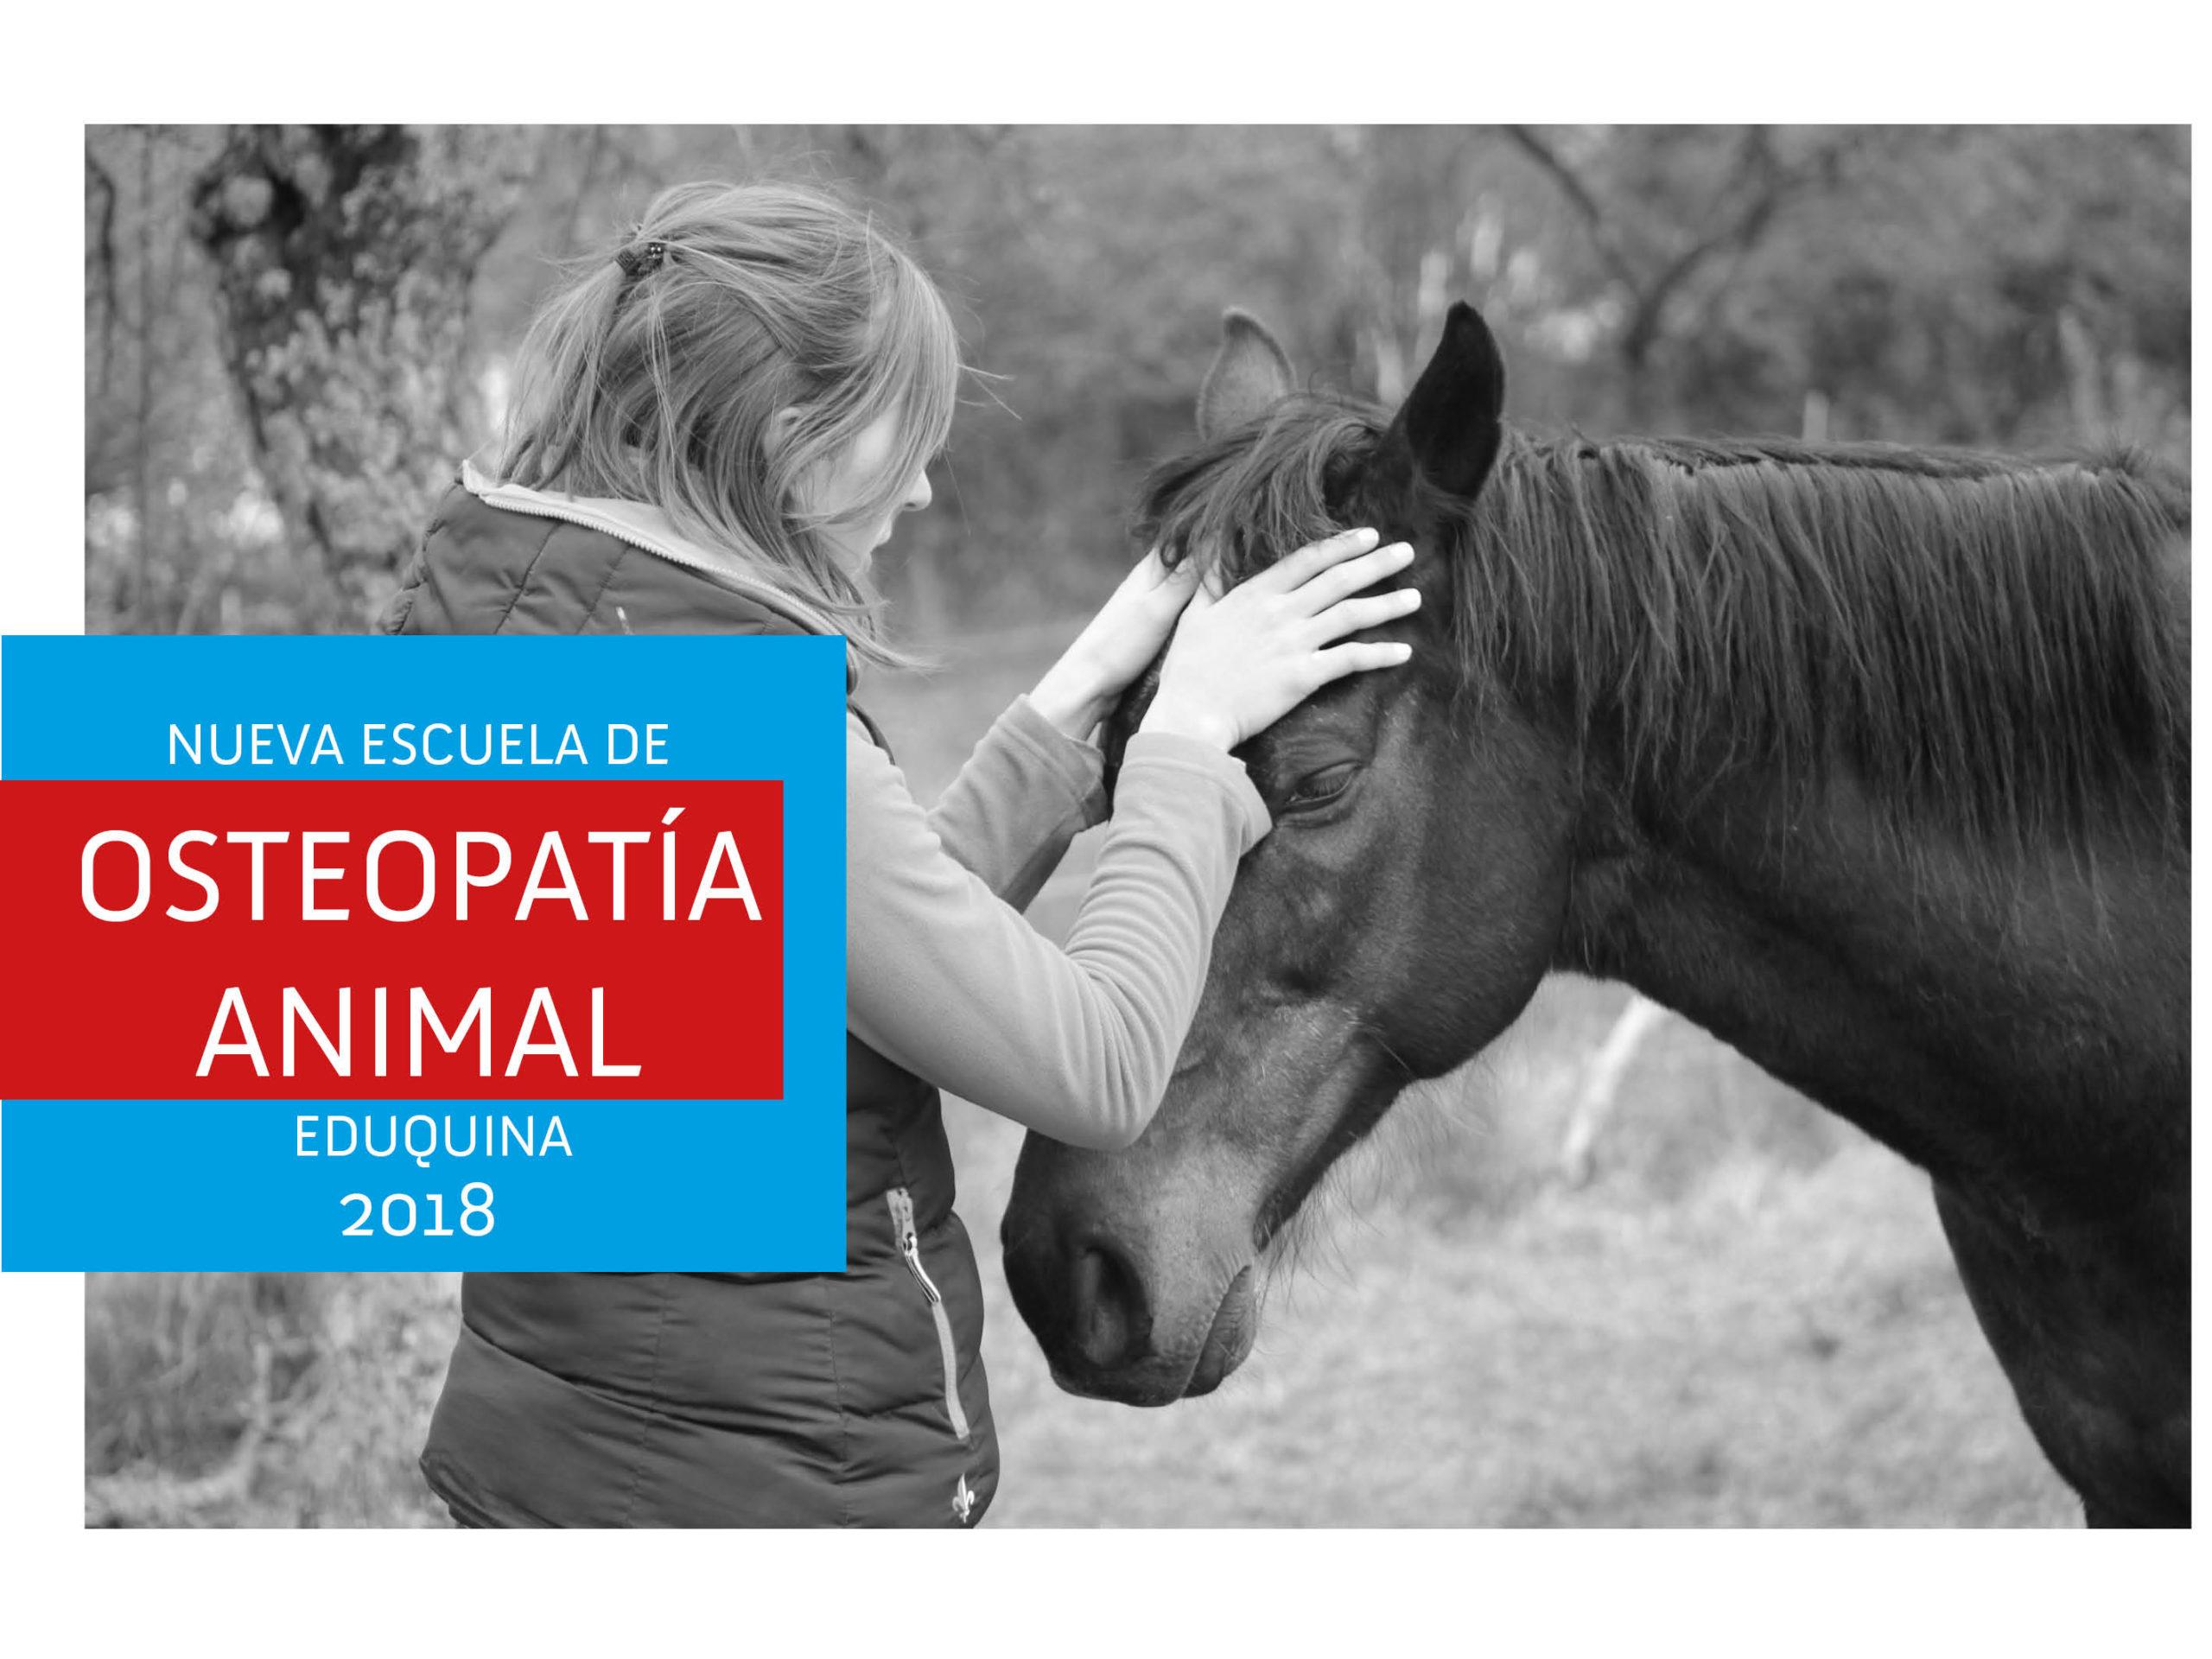 Nueva escuela de OSTEOPATIA EQUINA Y CANINA 2018